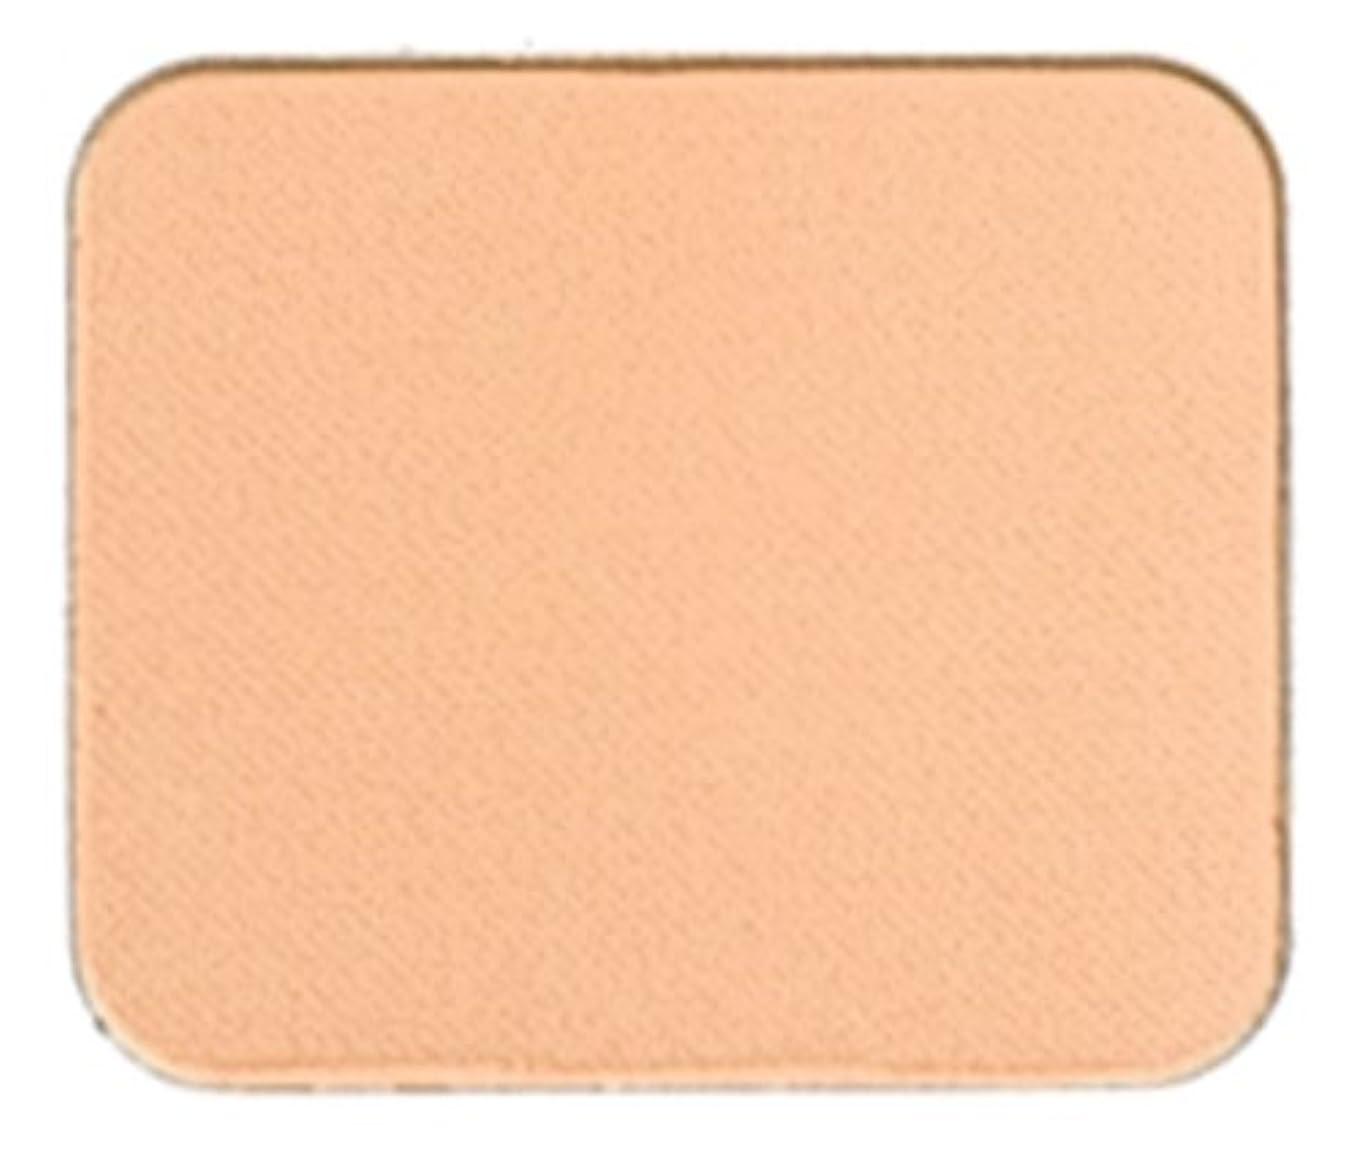 ドレインペレグリネーションアルファベットドクターシーラボ BBパーフェクトファンデーション WHITE377プラス ナチュラル3(健康的な肌色)  レフィル 12g SPF25 PA++